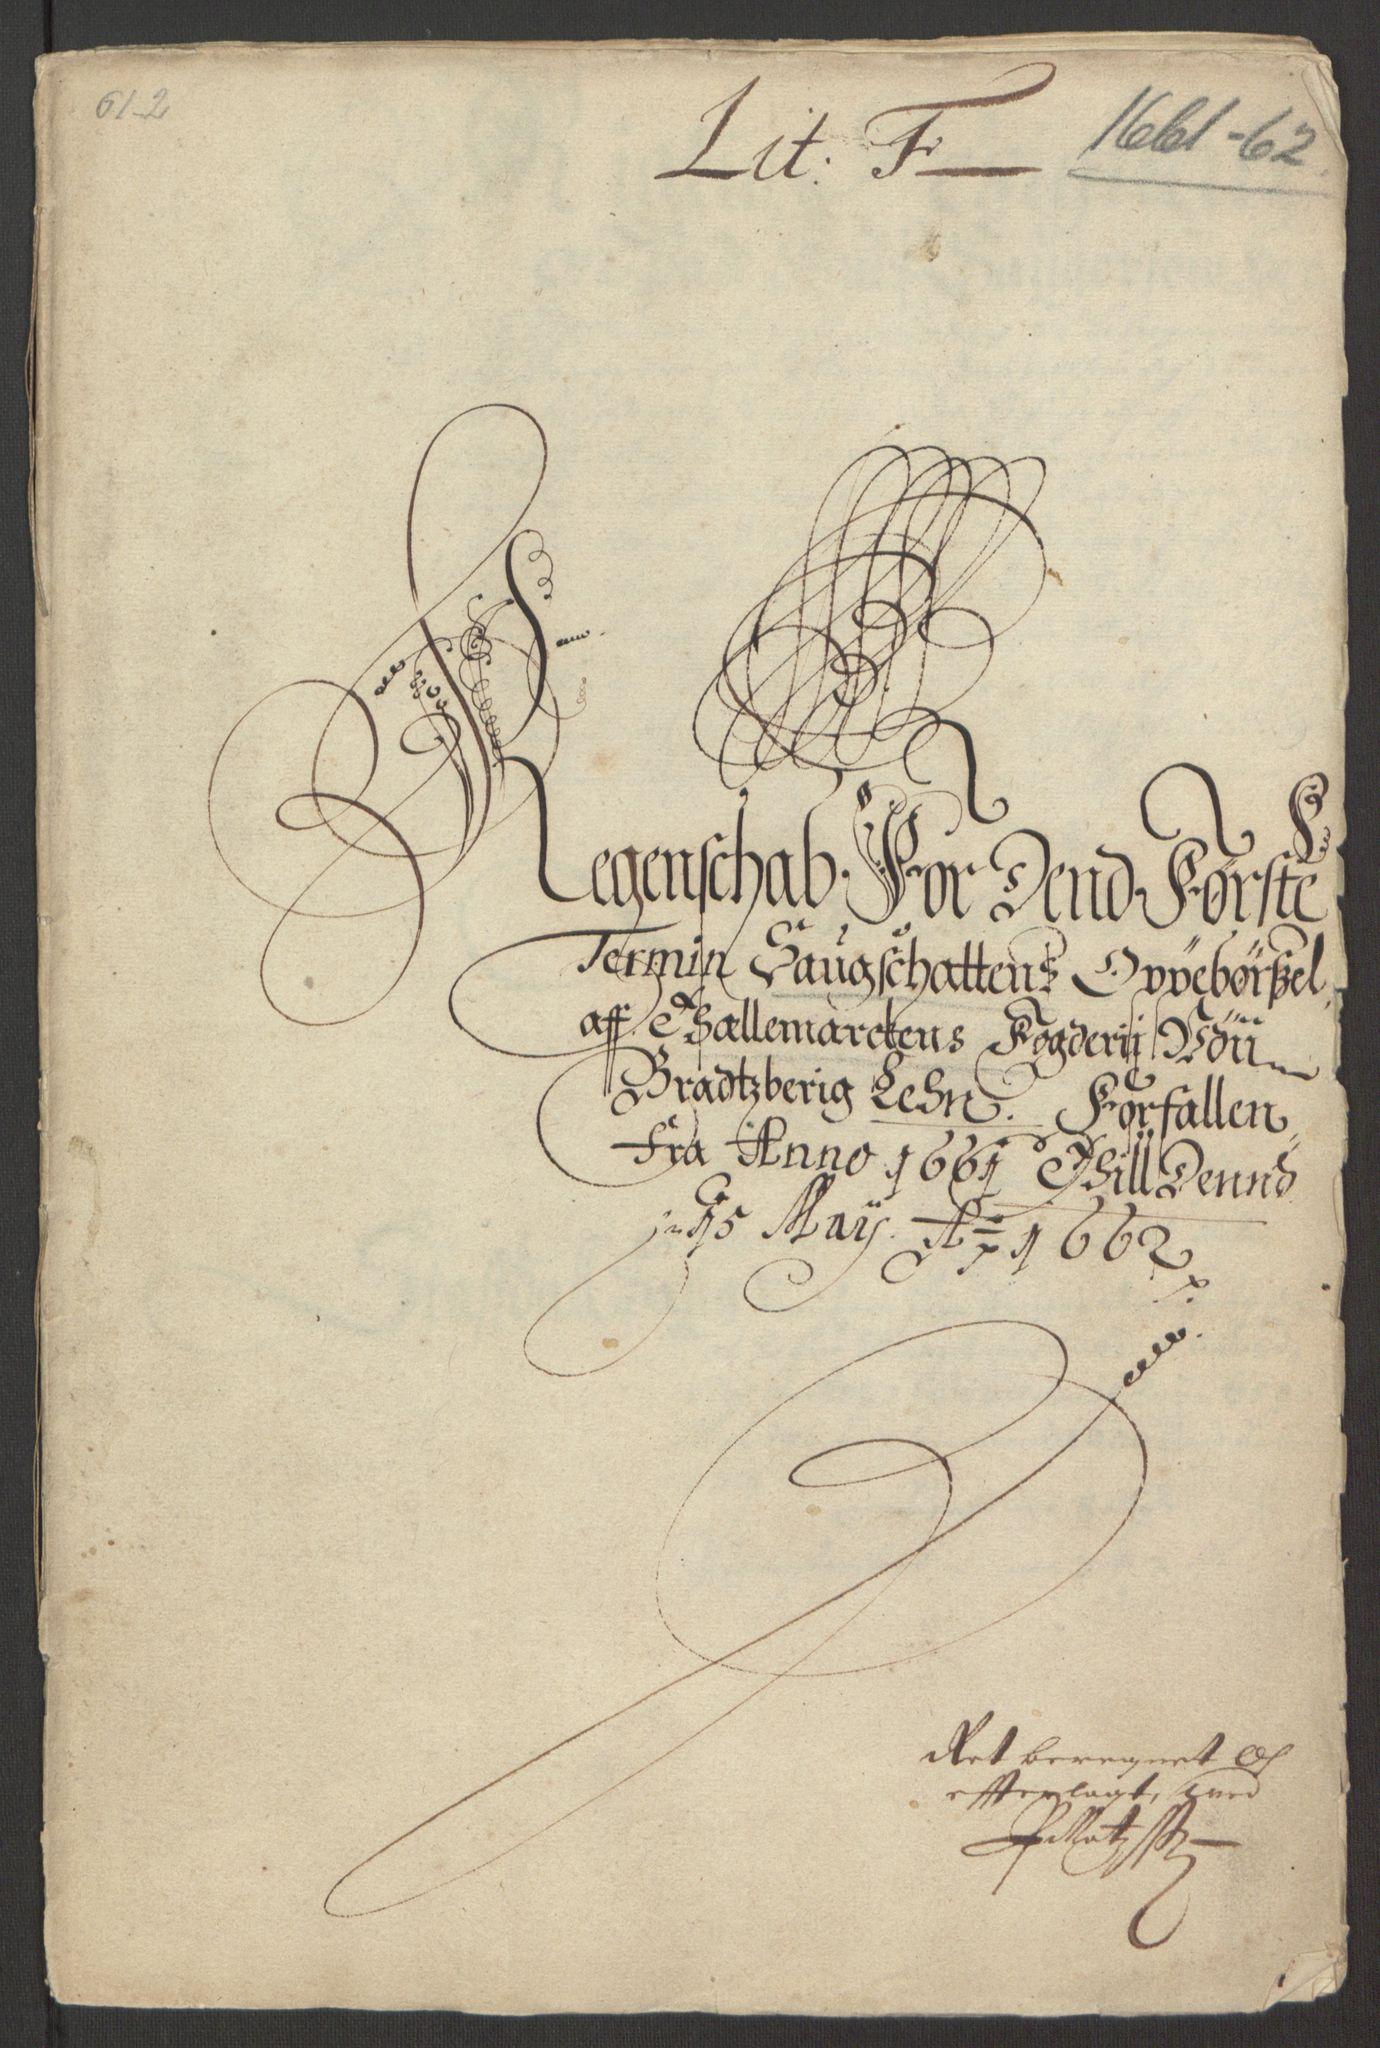 RA, Rentekammeret inntil 1814, Reviderte regnskaper, Fogderegnskap, R35/L2054: Fogderegnskap Øvre og Nedre Telemark, 1662-1663, s. 231